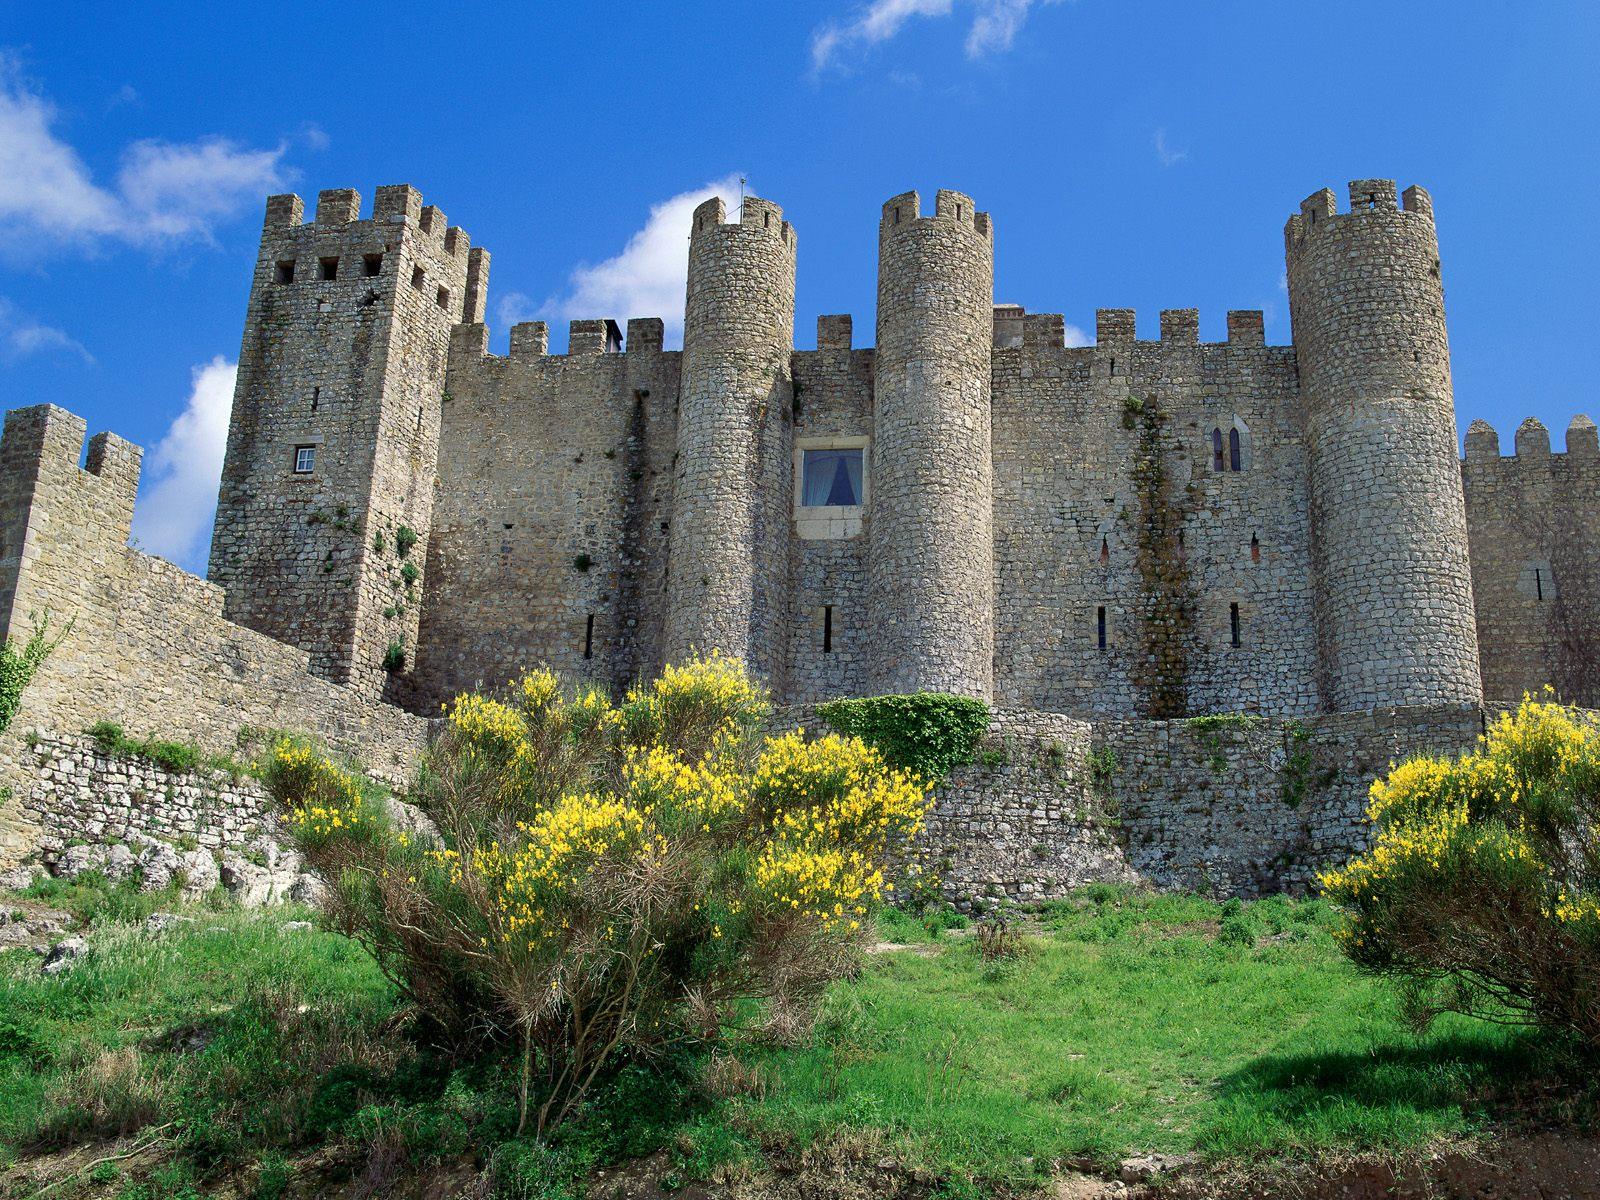 Pousada_Castle_Obidos_Portugal